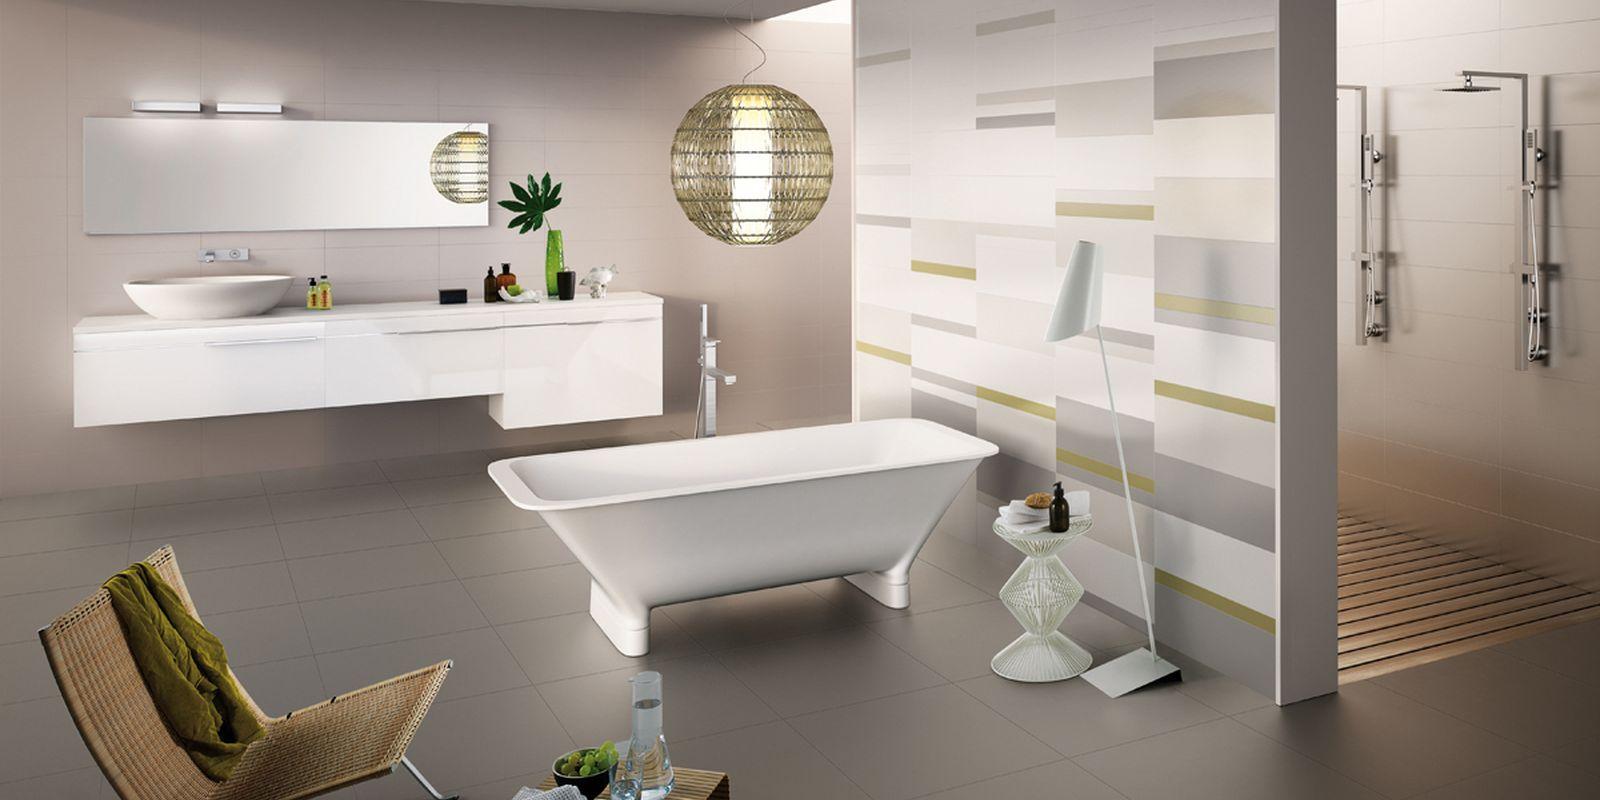 Studio lafaenza pavimenti gres porcellanato for Arredo bagno faenza